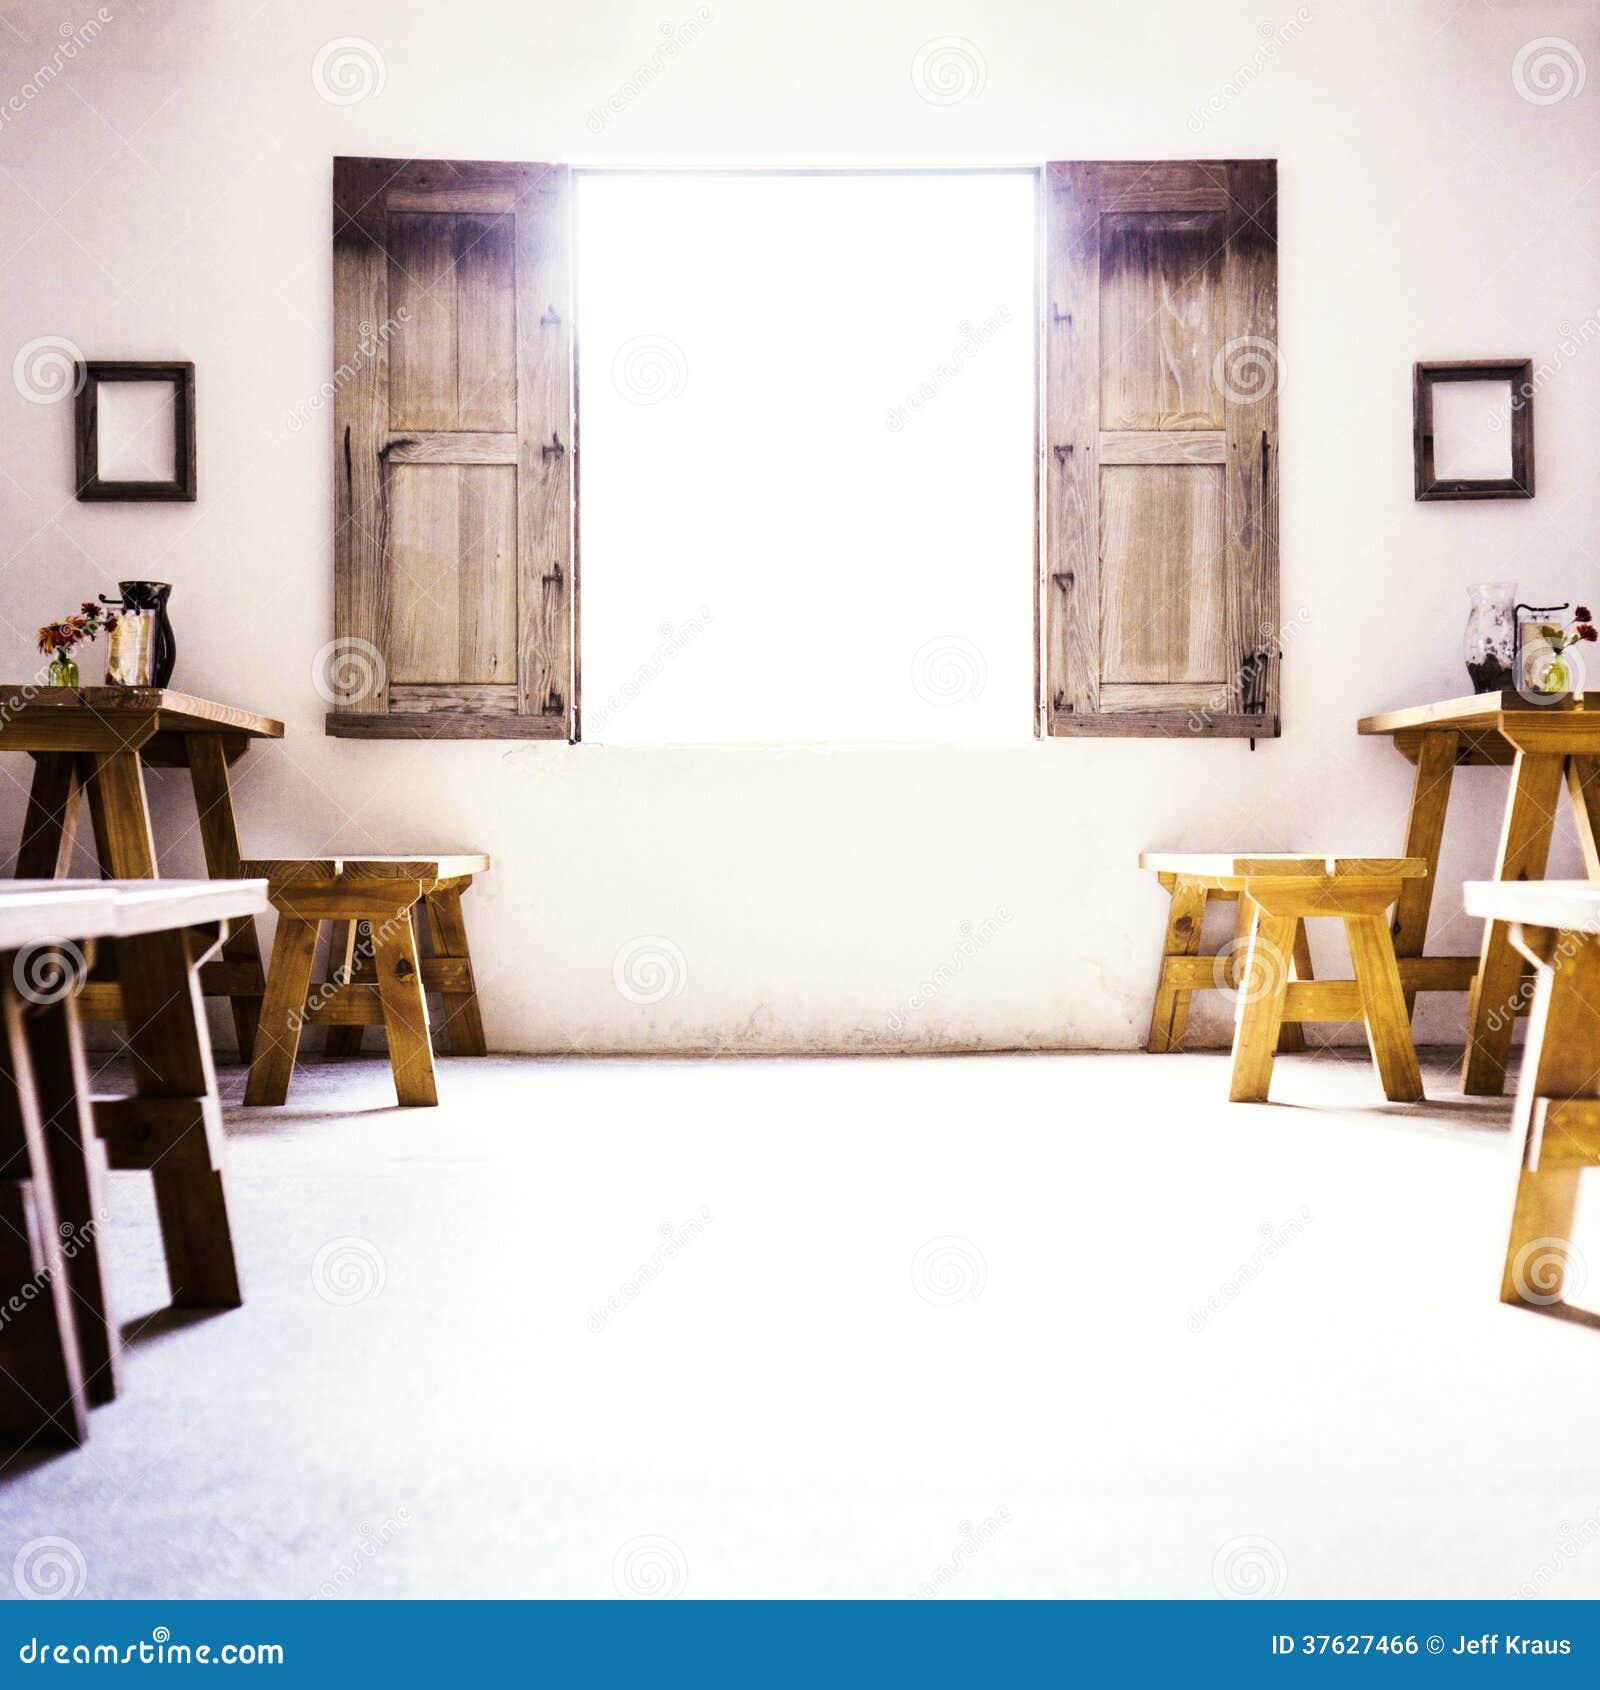 Pi ce coloniale espagnole avec la basse fen tre et le s en bois image libre de droits image for Fenetre en espagnol